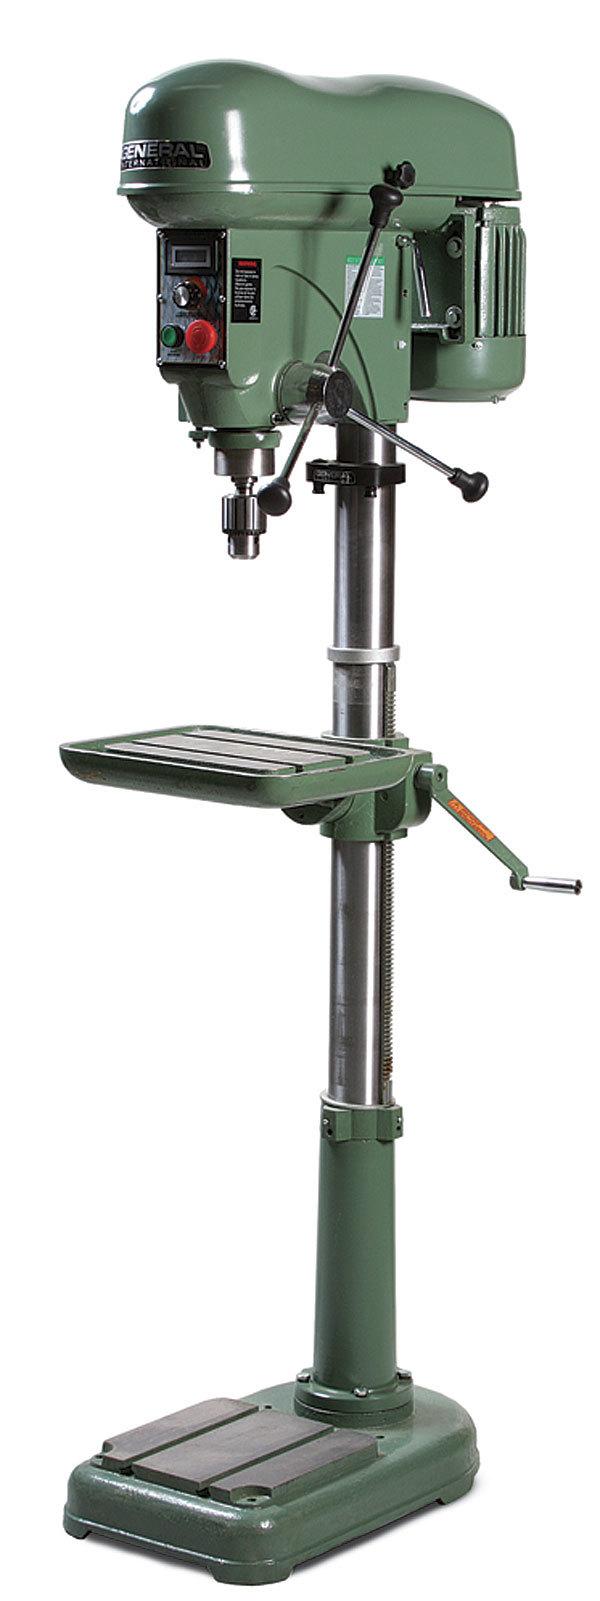 General International 75-700 M1 VS Drill Press ...